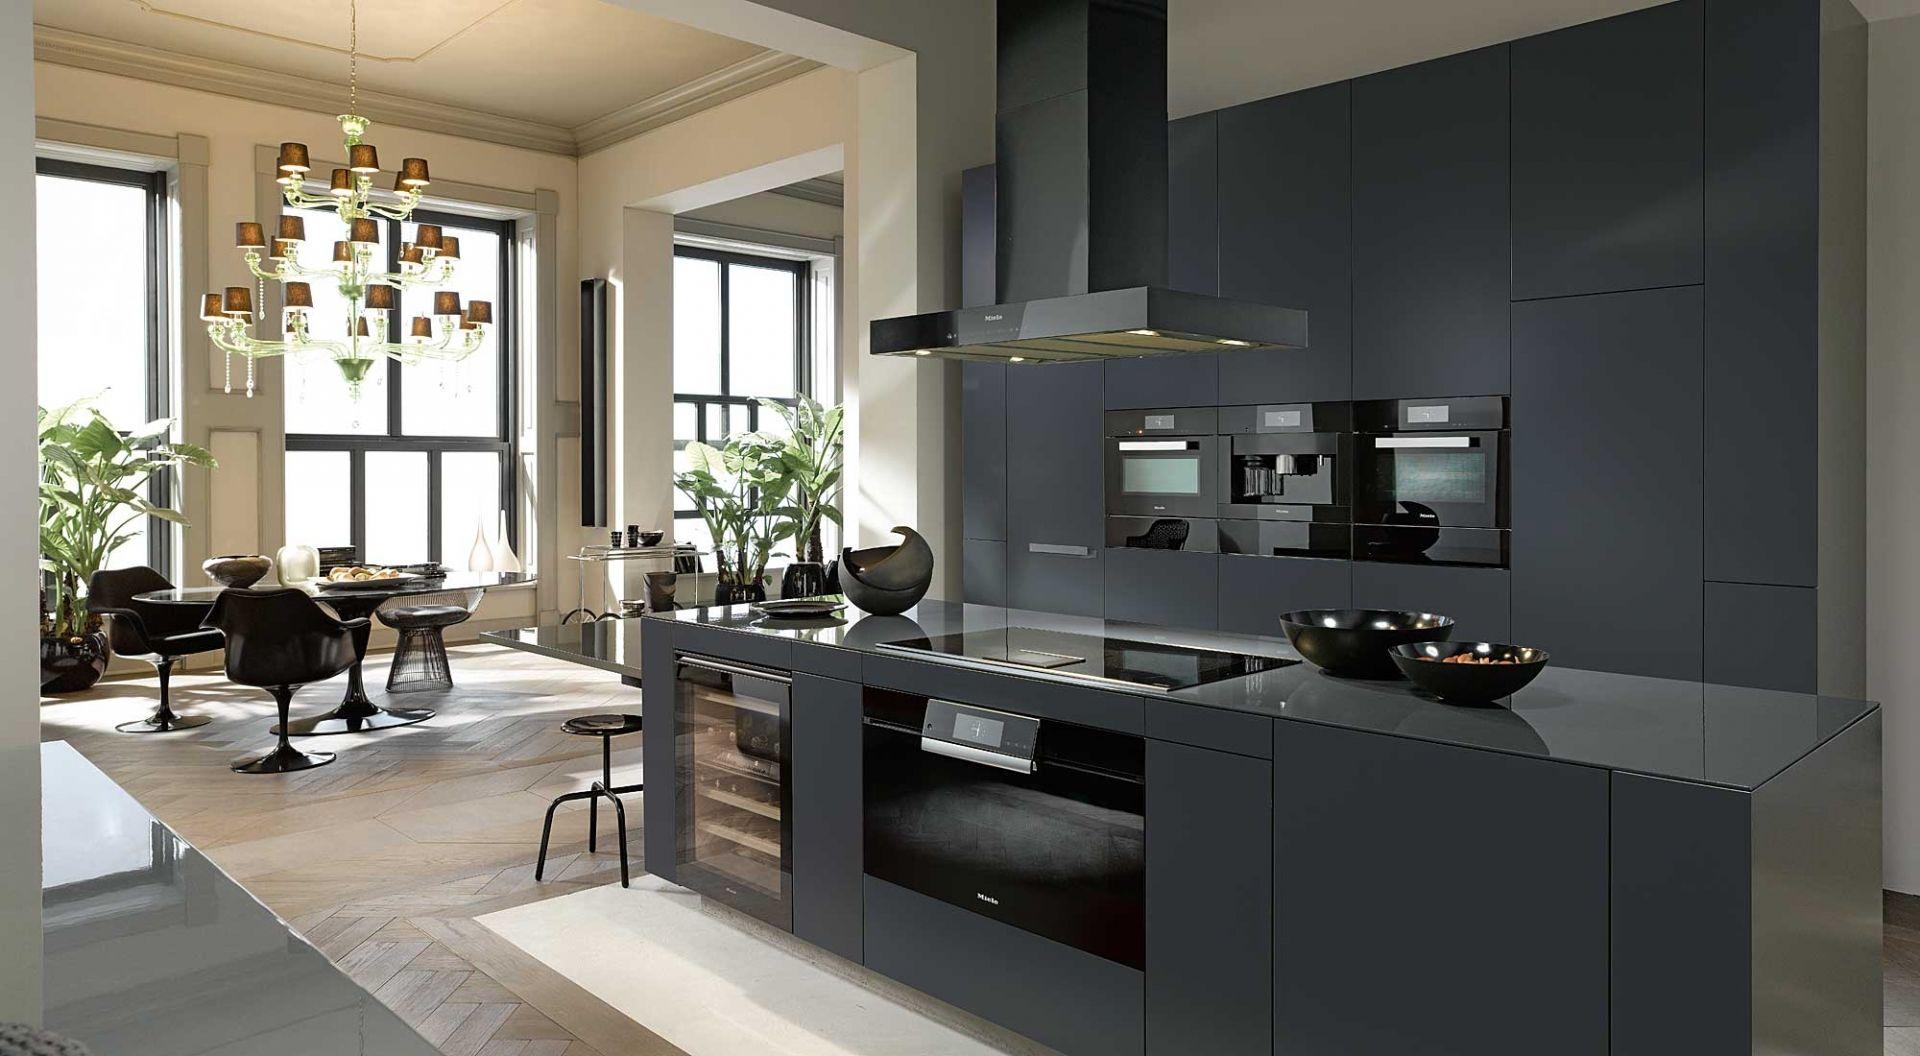 Zwarte woonkeuken met kookeiland en miele keukenapparaten